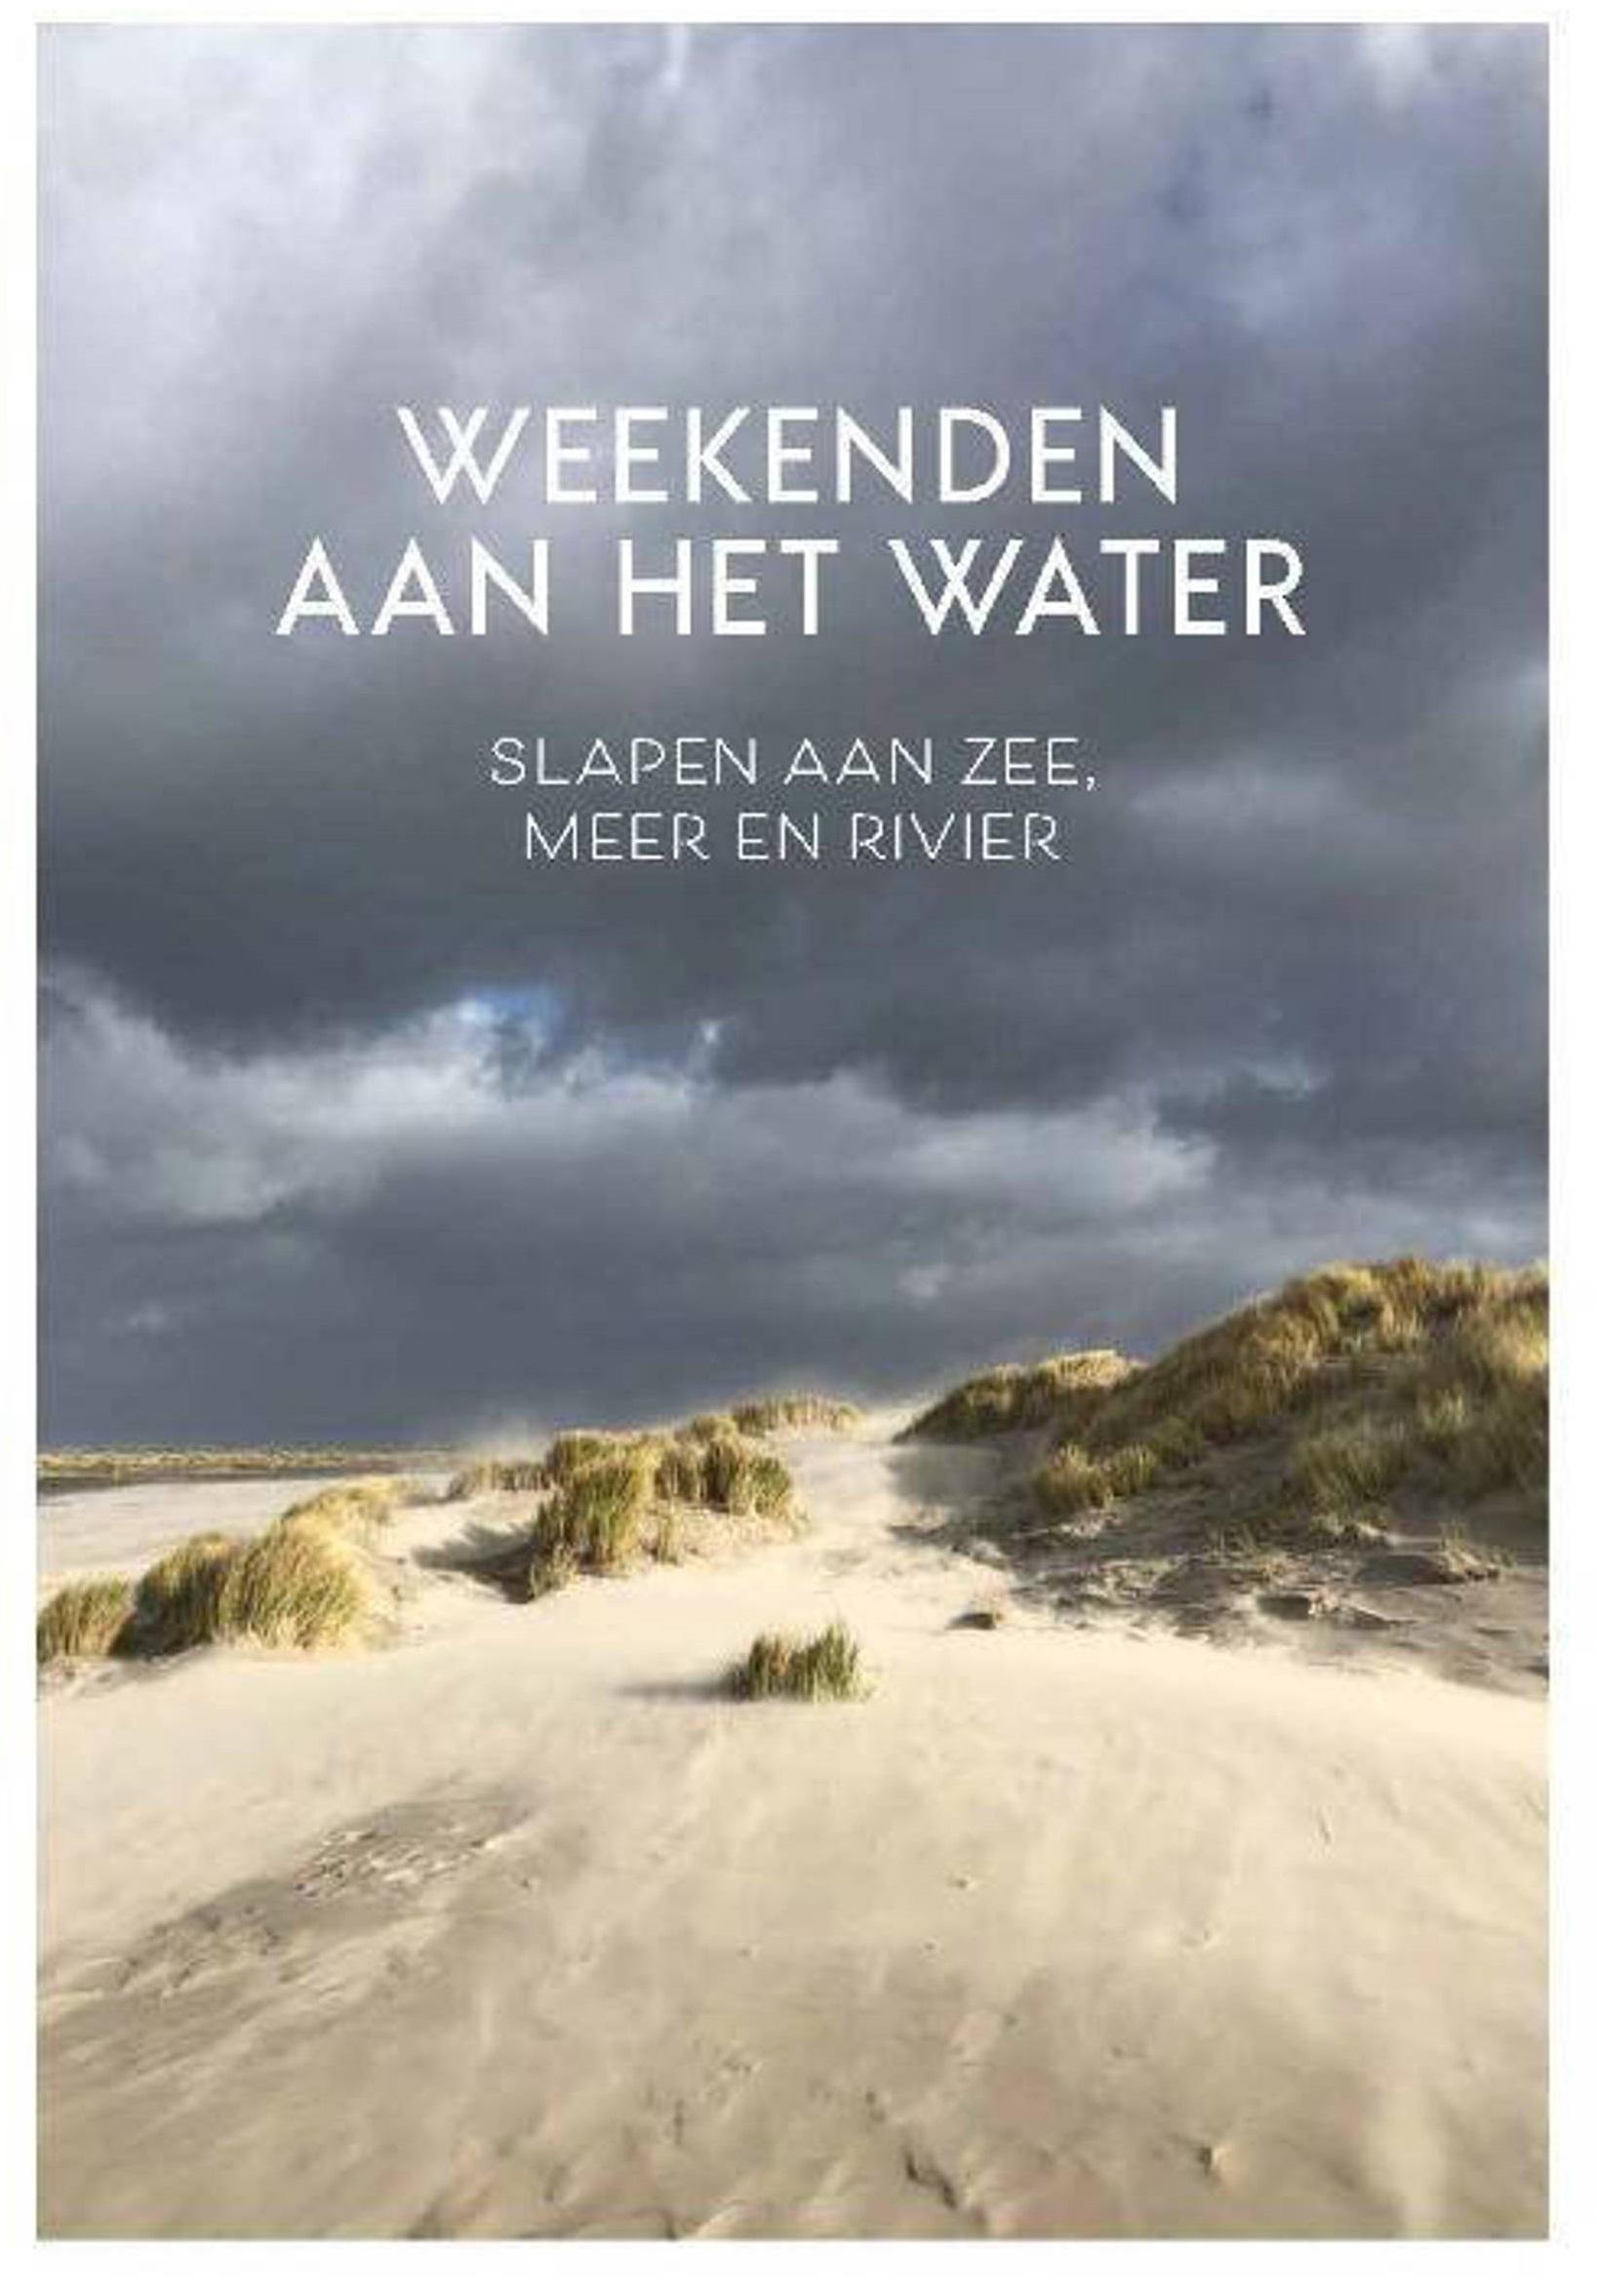 Weekenden aan het Water 9789083014838 Lydia Michiels van Kessenich & Marie Monsieur Mo Media   Reisgidsen Benelux